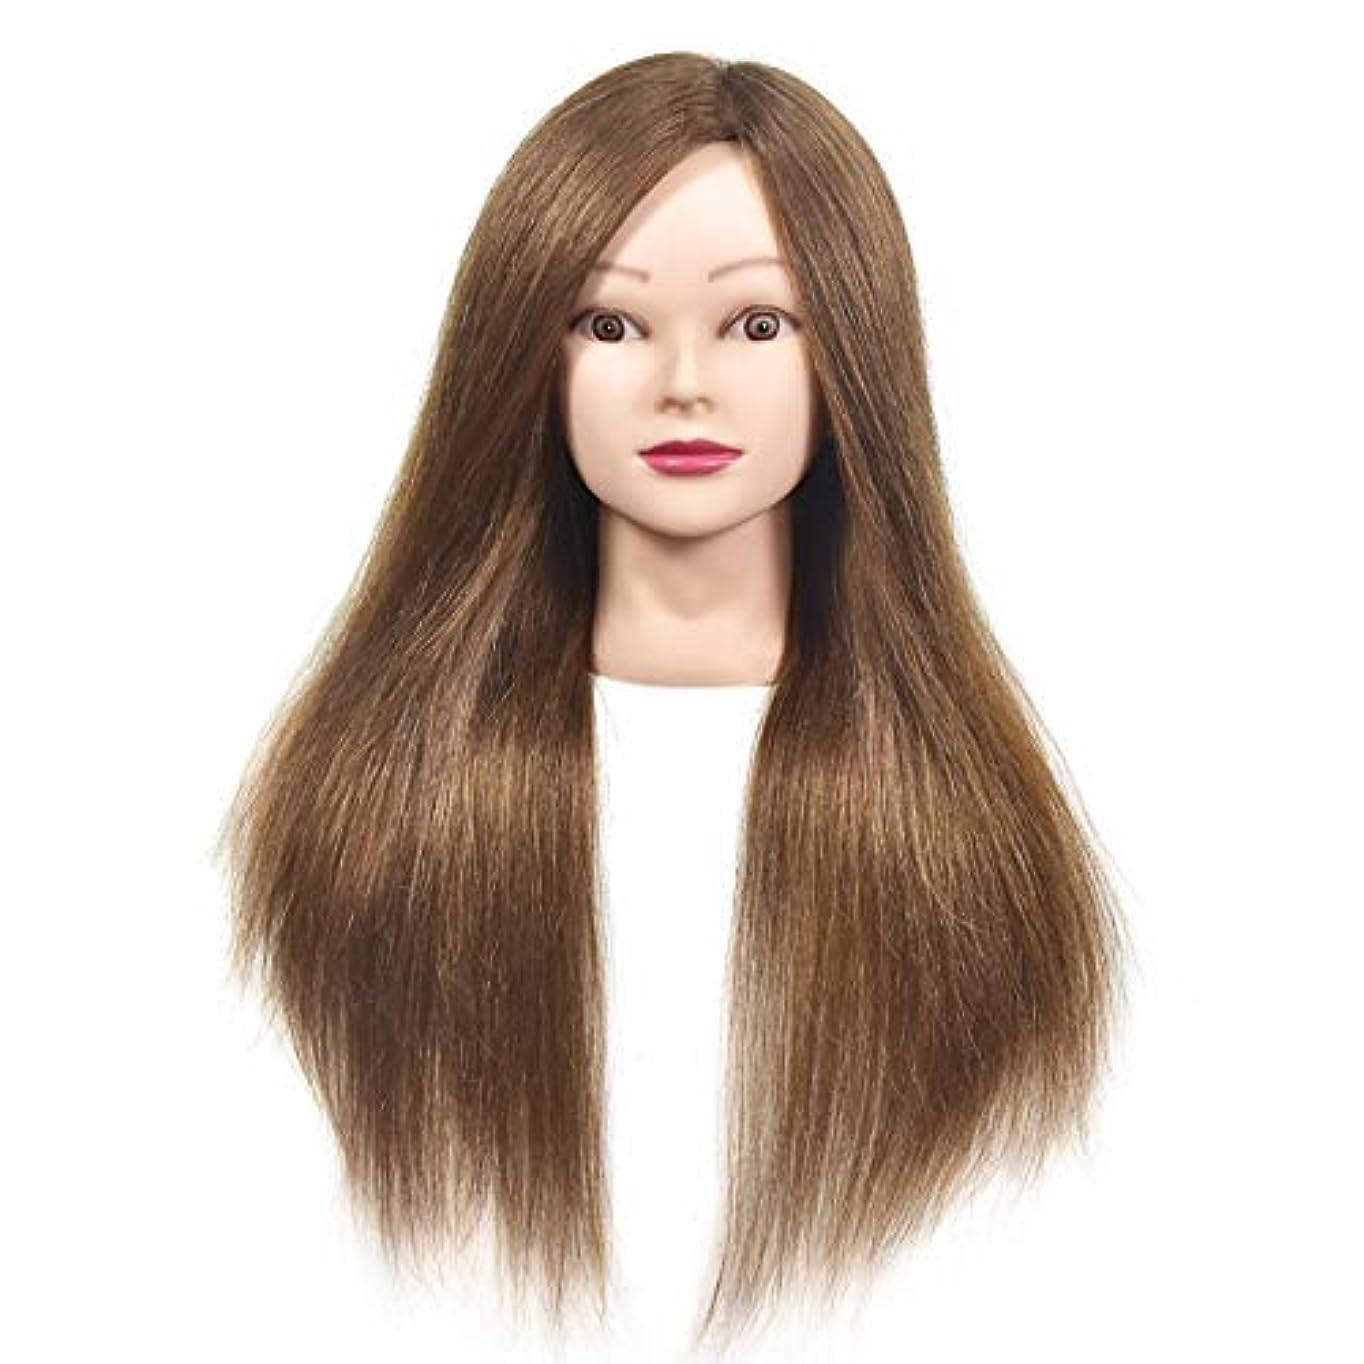 冷蔵するドメイン農夫本物の人間の髪のかつらの頭の金型の頭の編み出しスタイリングのマネキン頭の理髪店の練習の教師のダミーヘッド